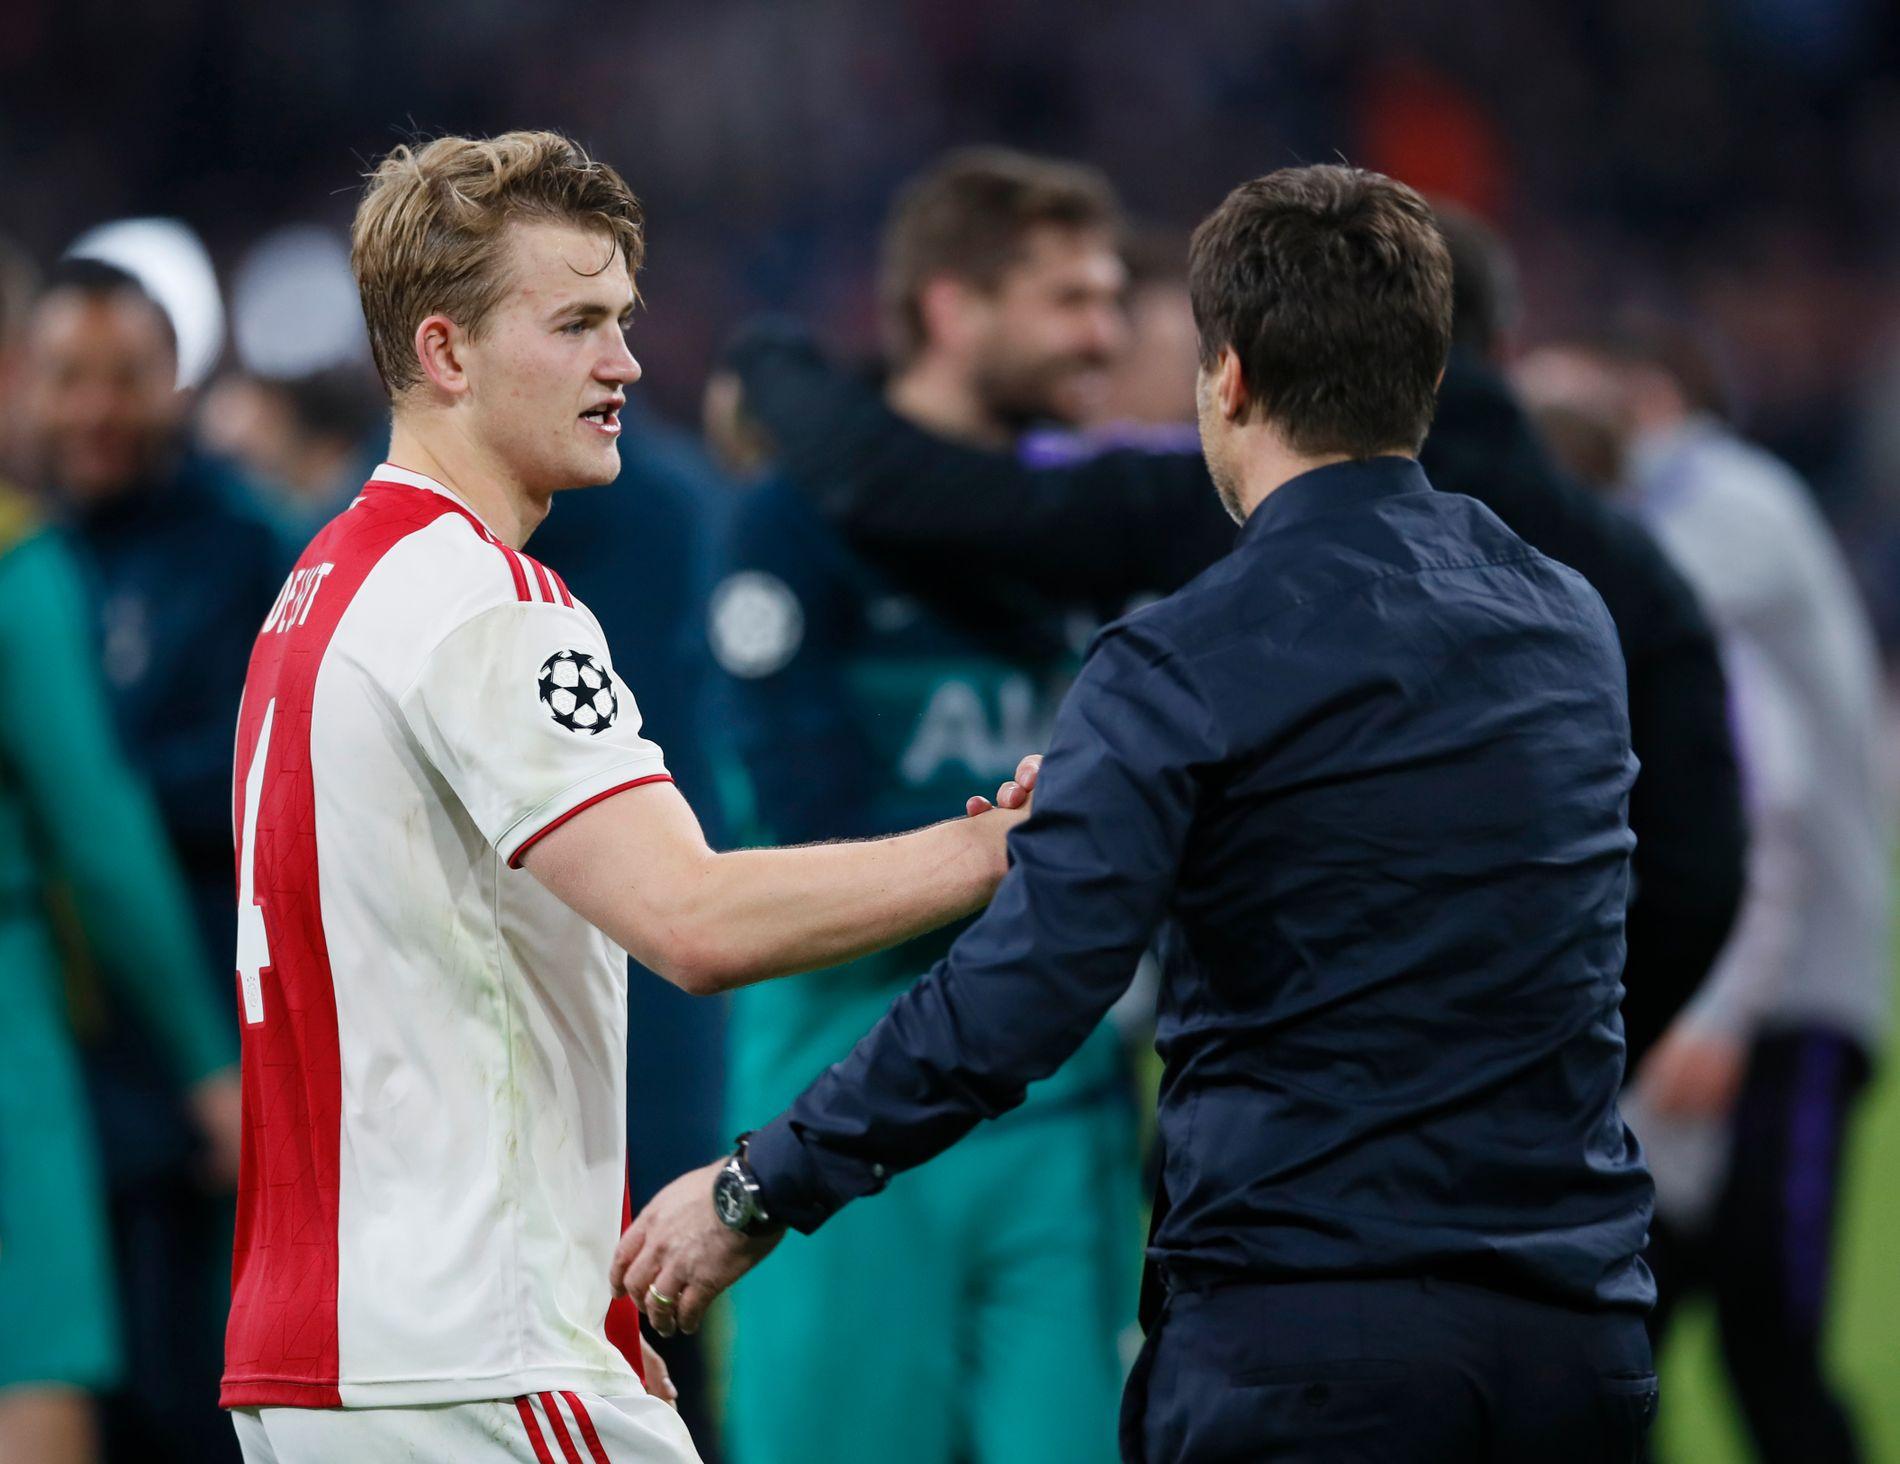 STOR FREMTID: Matthijs de Ligt er bare 19 år gammel, nikket Ajax i ledelsen og var på vei mot å lede laget til Champions League-finalen. Her gratulerer han Mauricio Pochettino med seieren.